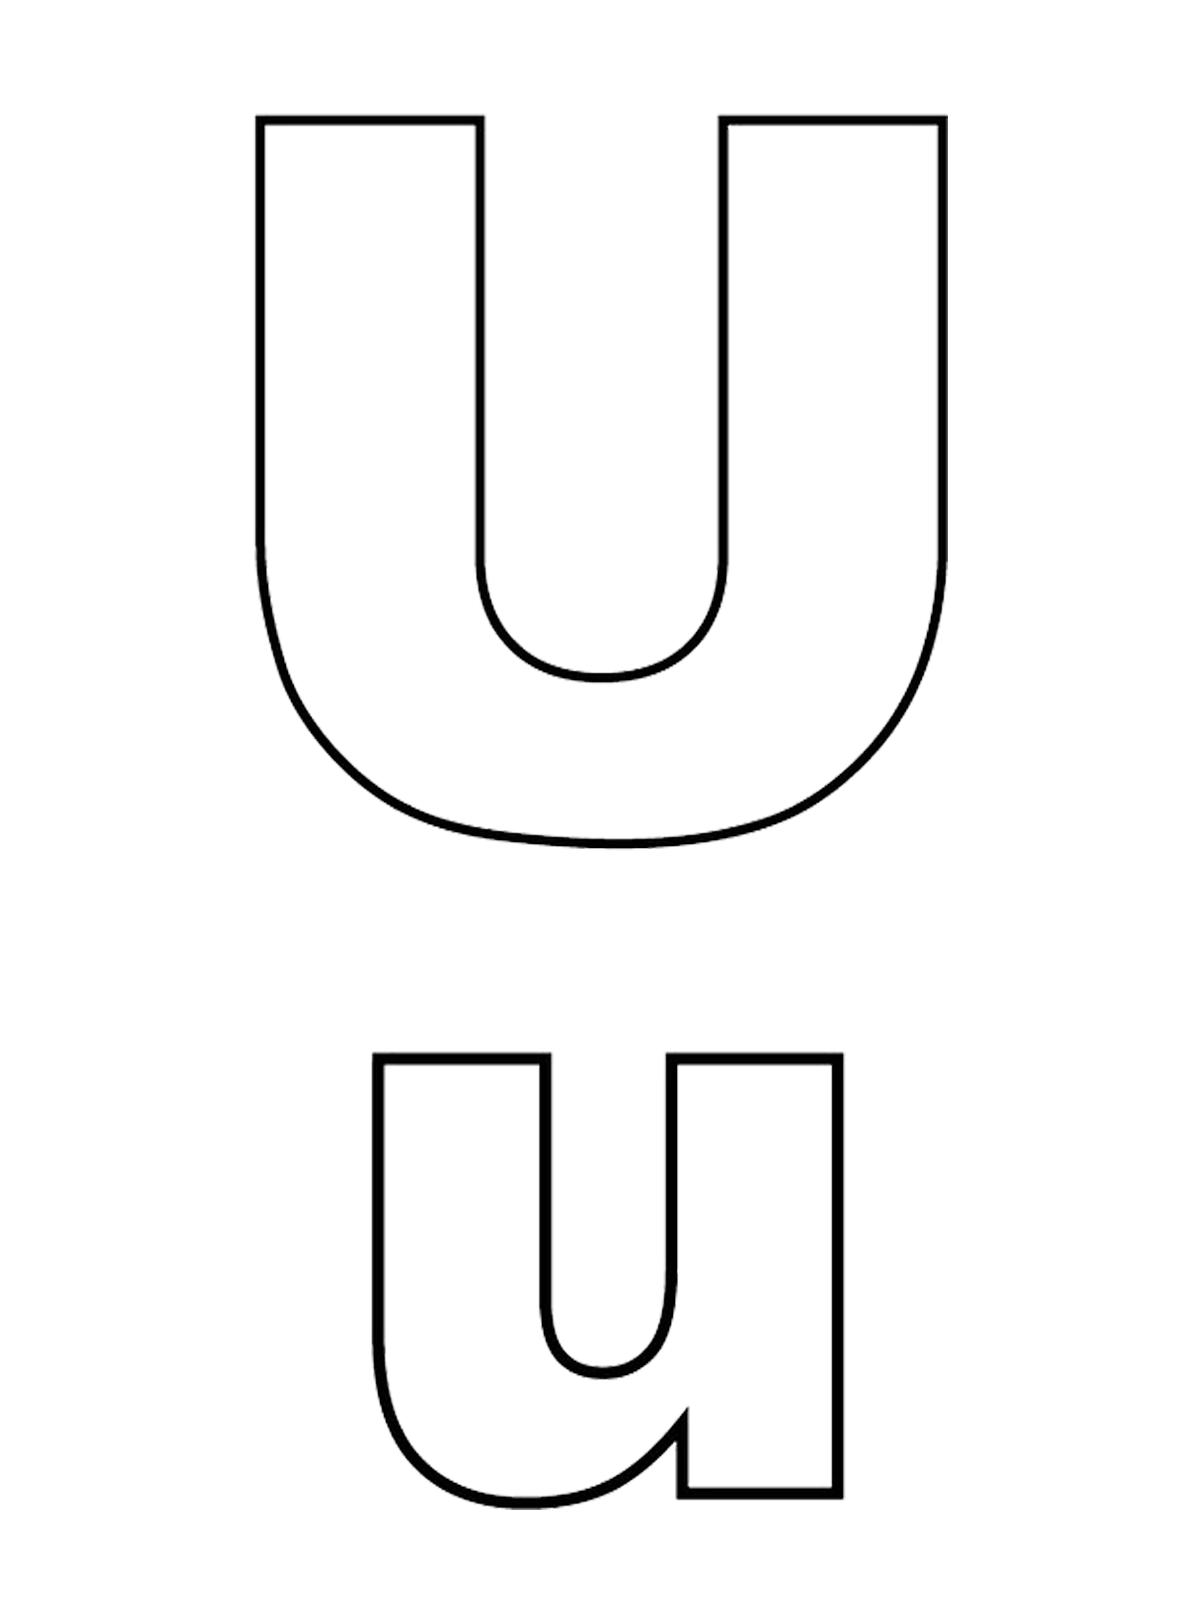 U A 2018 >> Lettere e numeri - Lettera U stampato maiuscolo e minuscolo